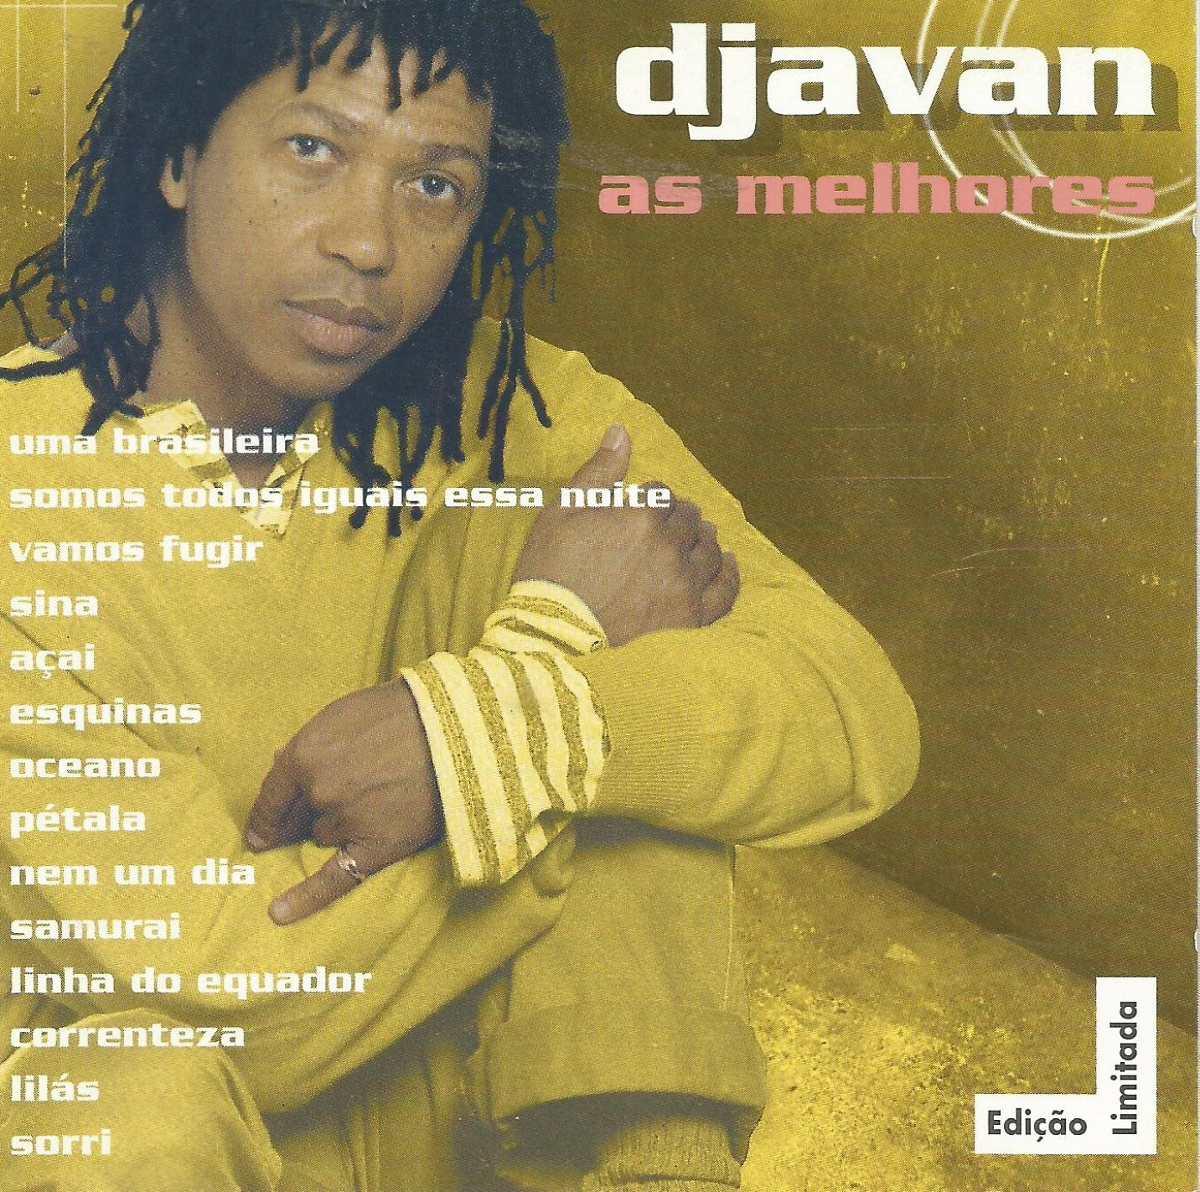 cd as melhores de djavan